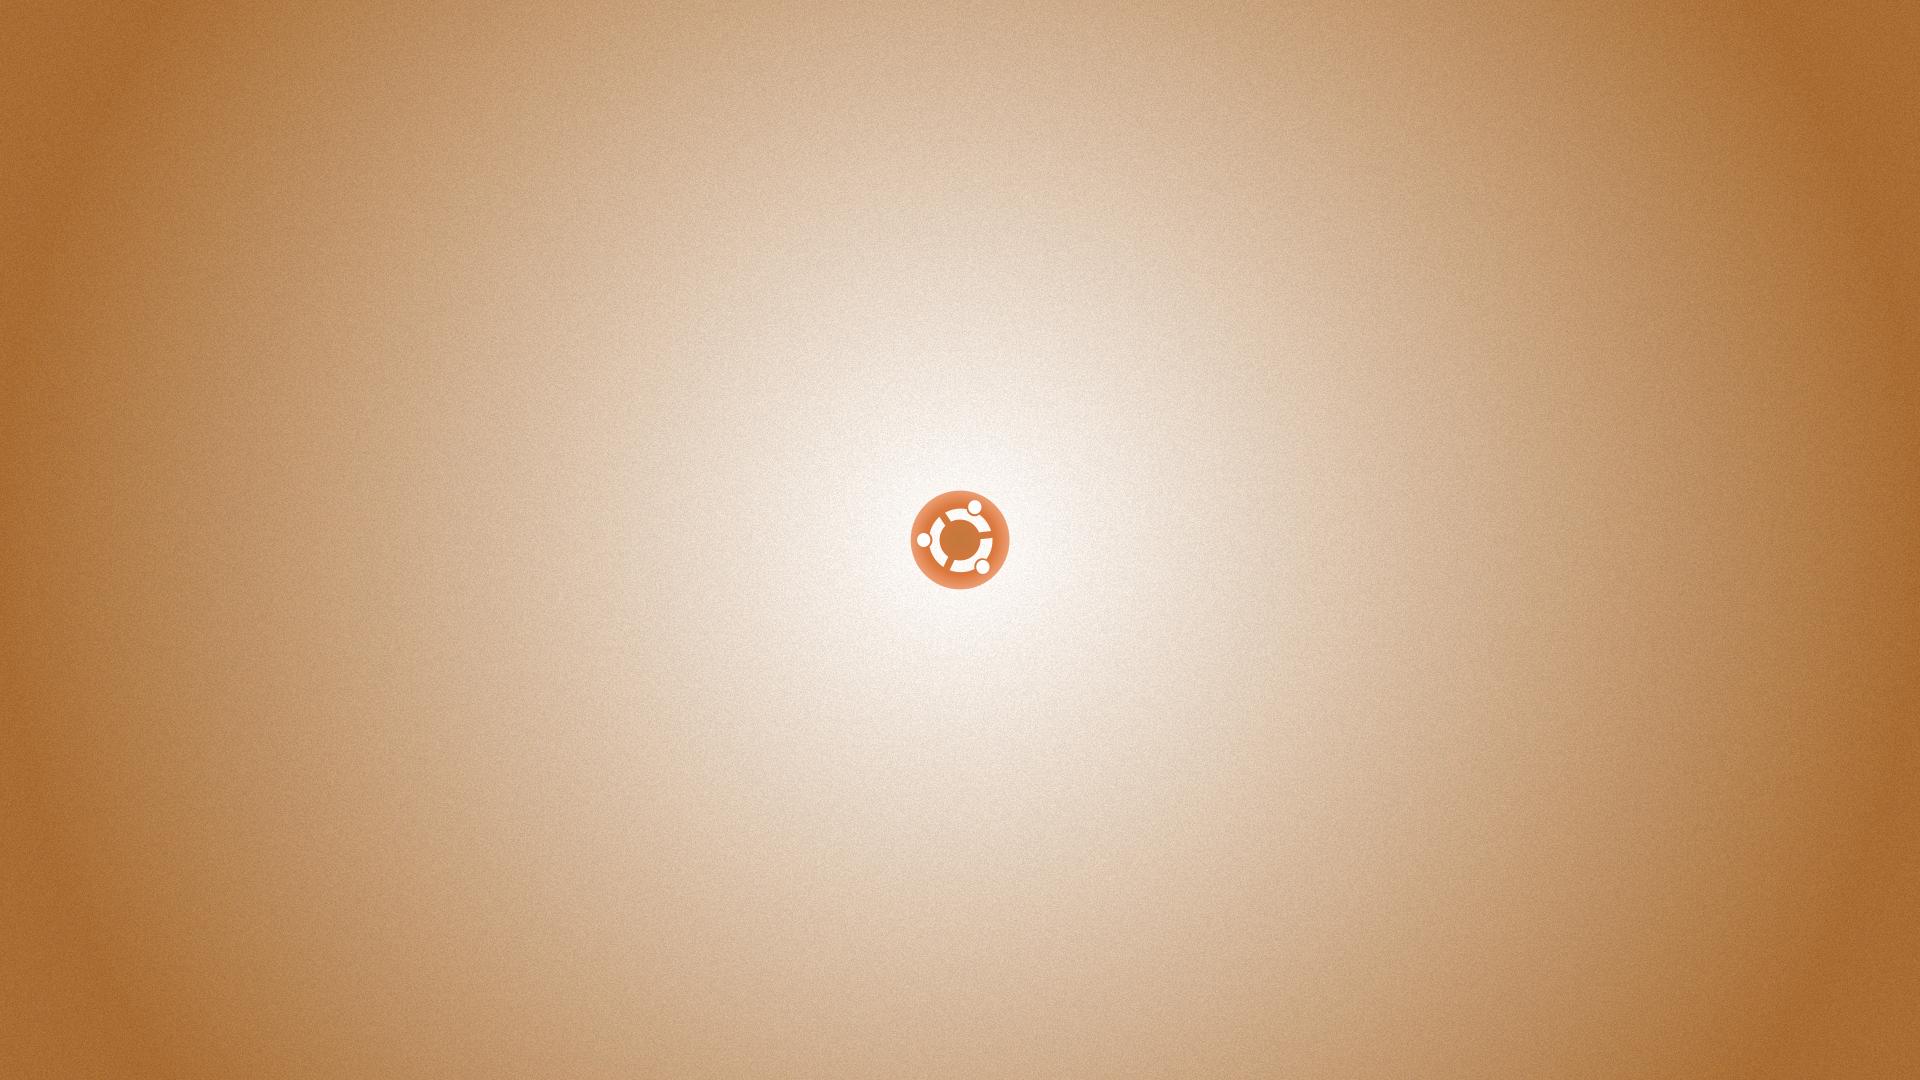 Ubuntu Brown - 1920x1080 by abluescarab